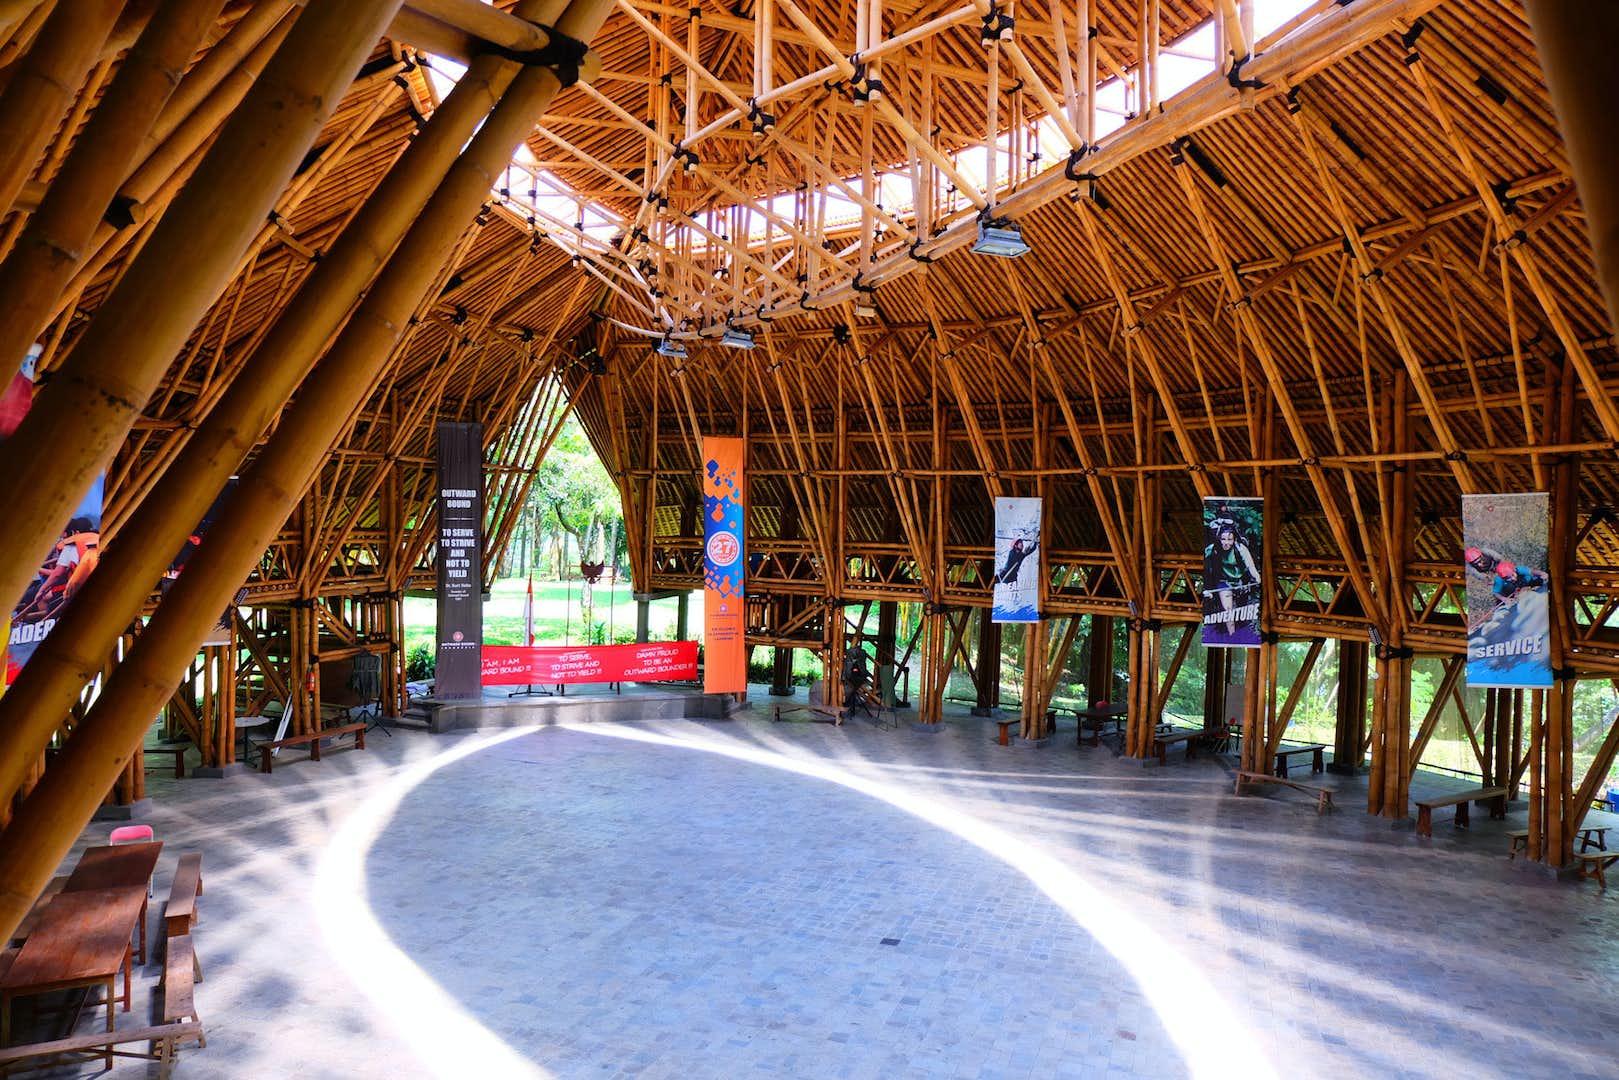 未来のための技術を探る。建築倉庫ミュージアムで「- Green, Green and Tropical - ⽊質時代の東南アジア建築展」が開催